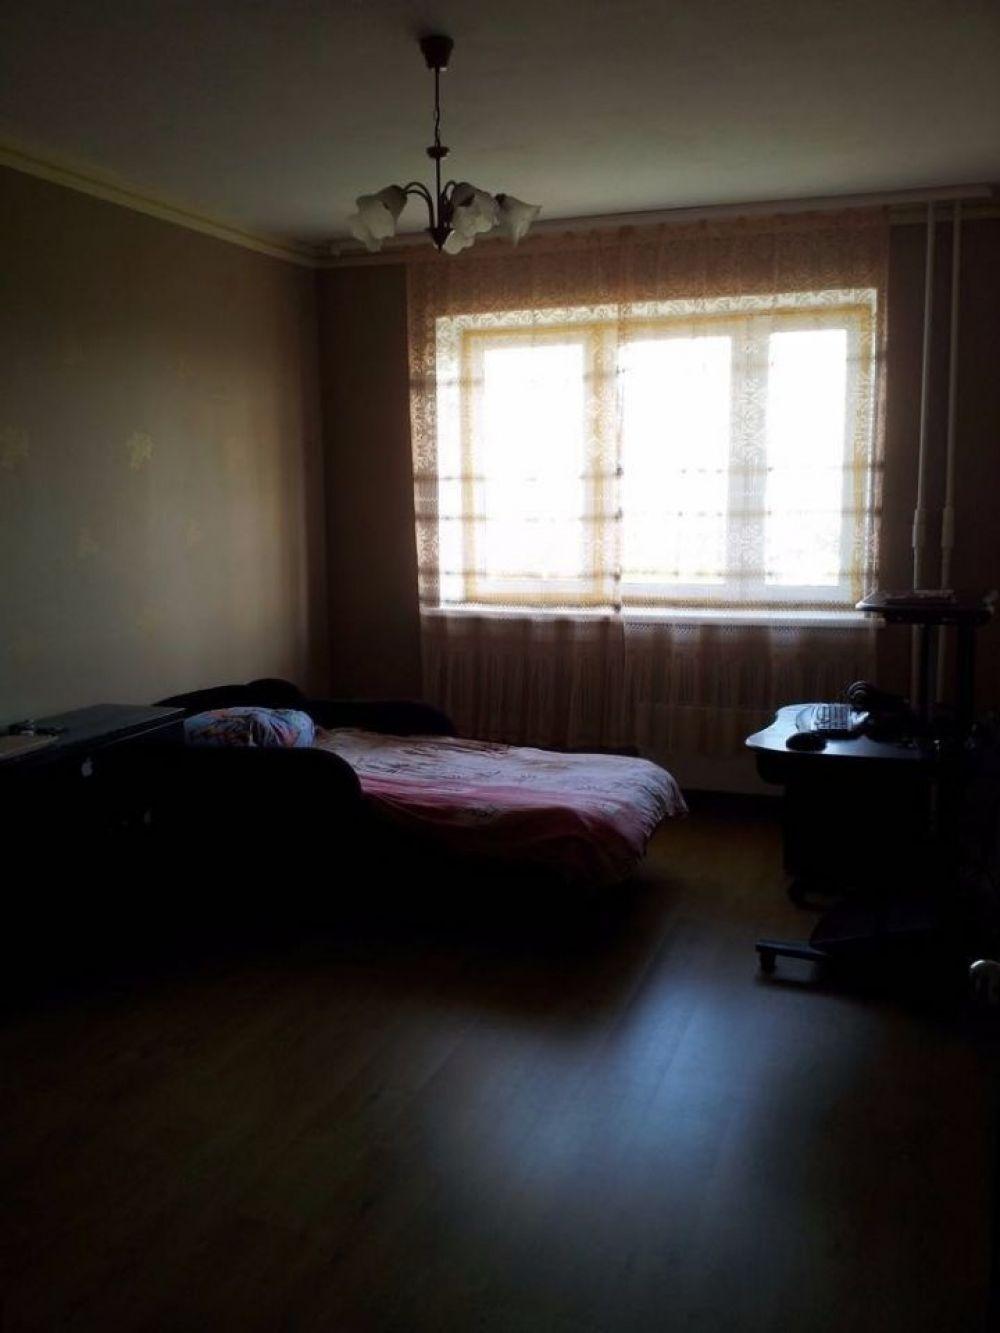 2-к квартира, п. Аничково, д.6, фото 6